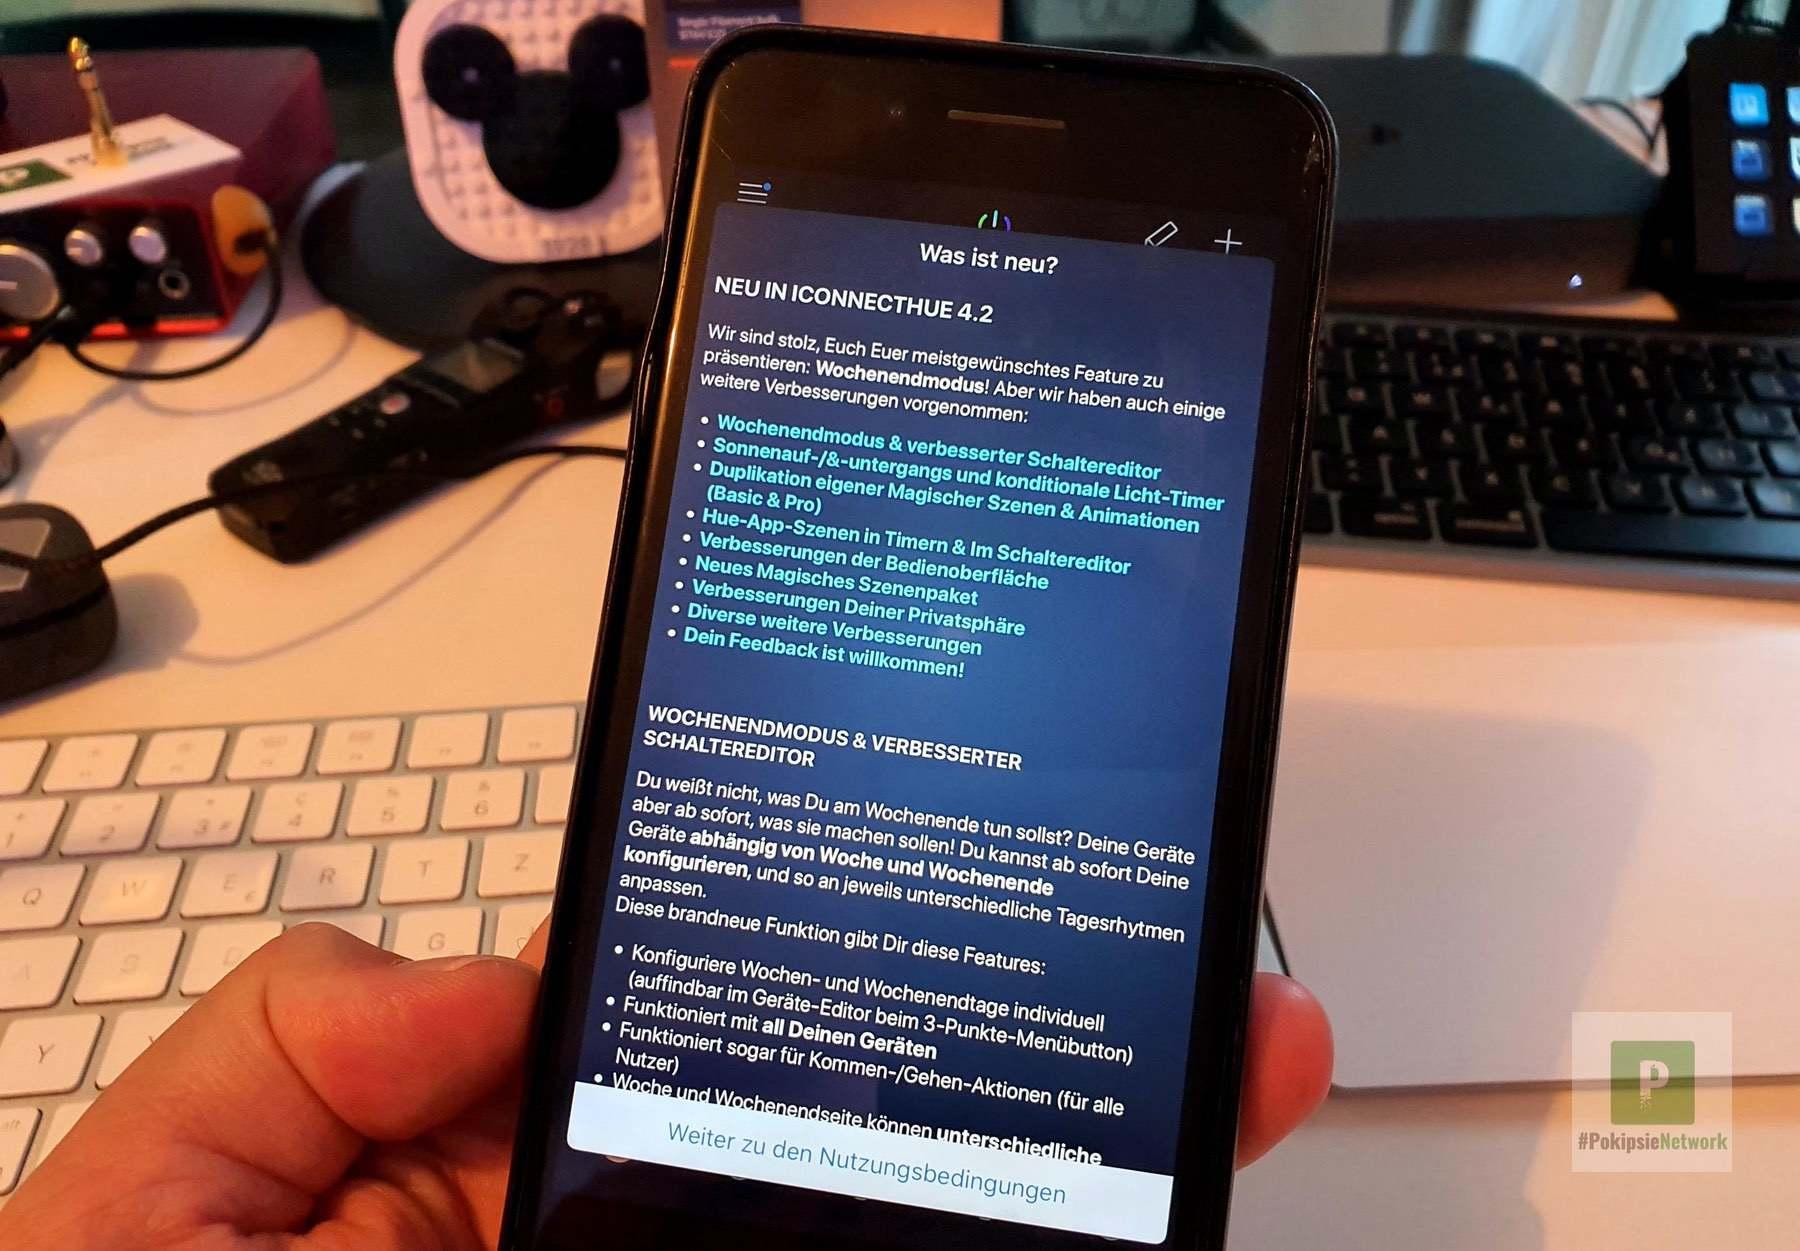 Neue Funktionen in der Philips Hue App